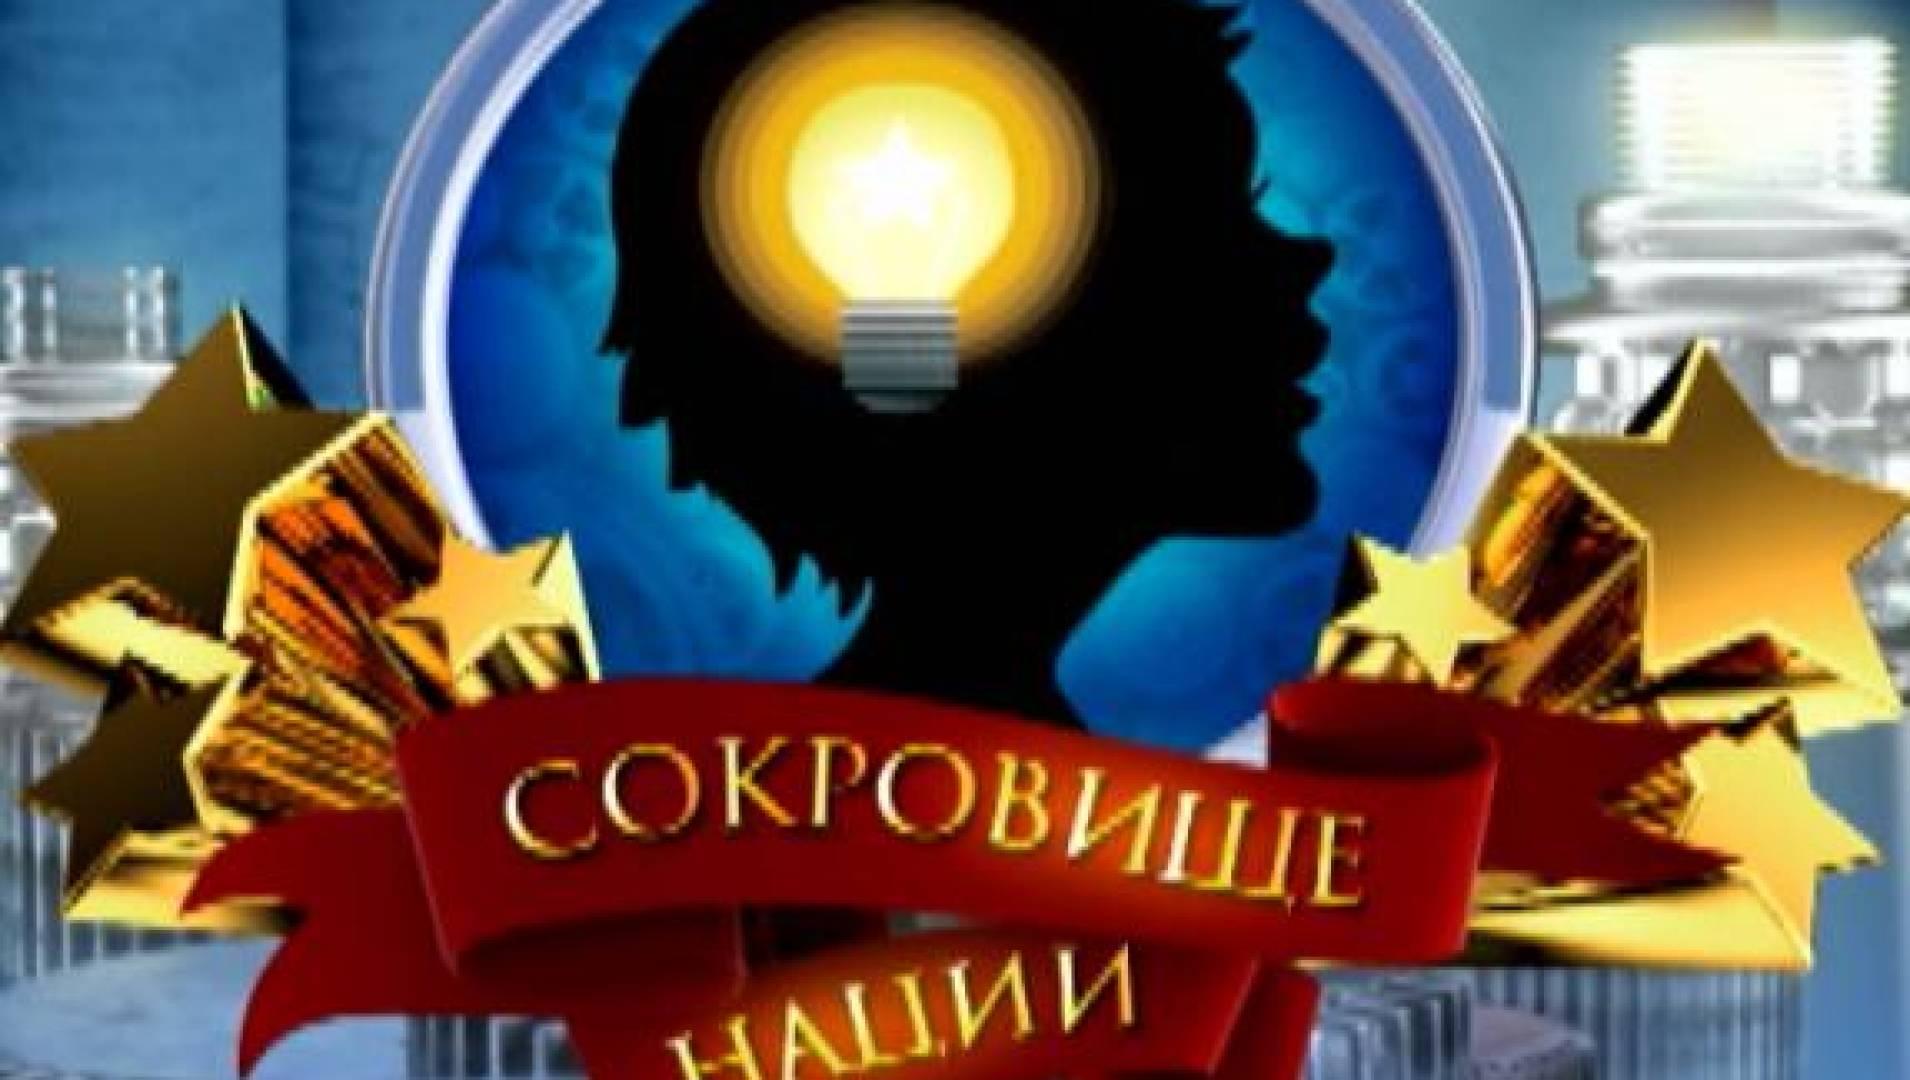 Сокровище нации - Программа, Игровая